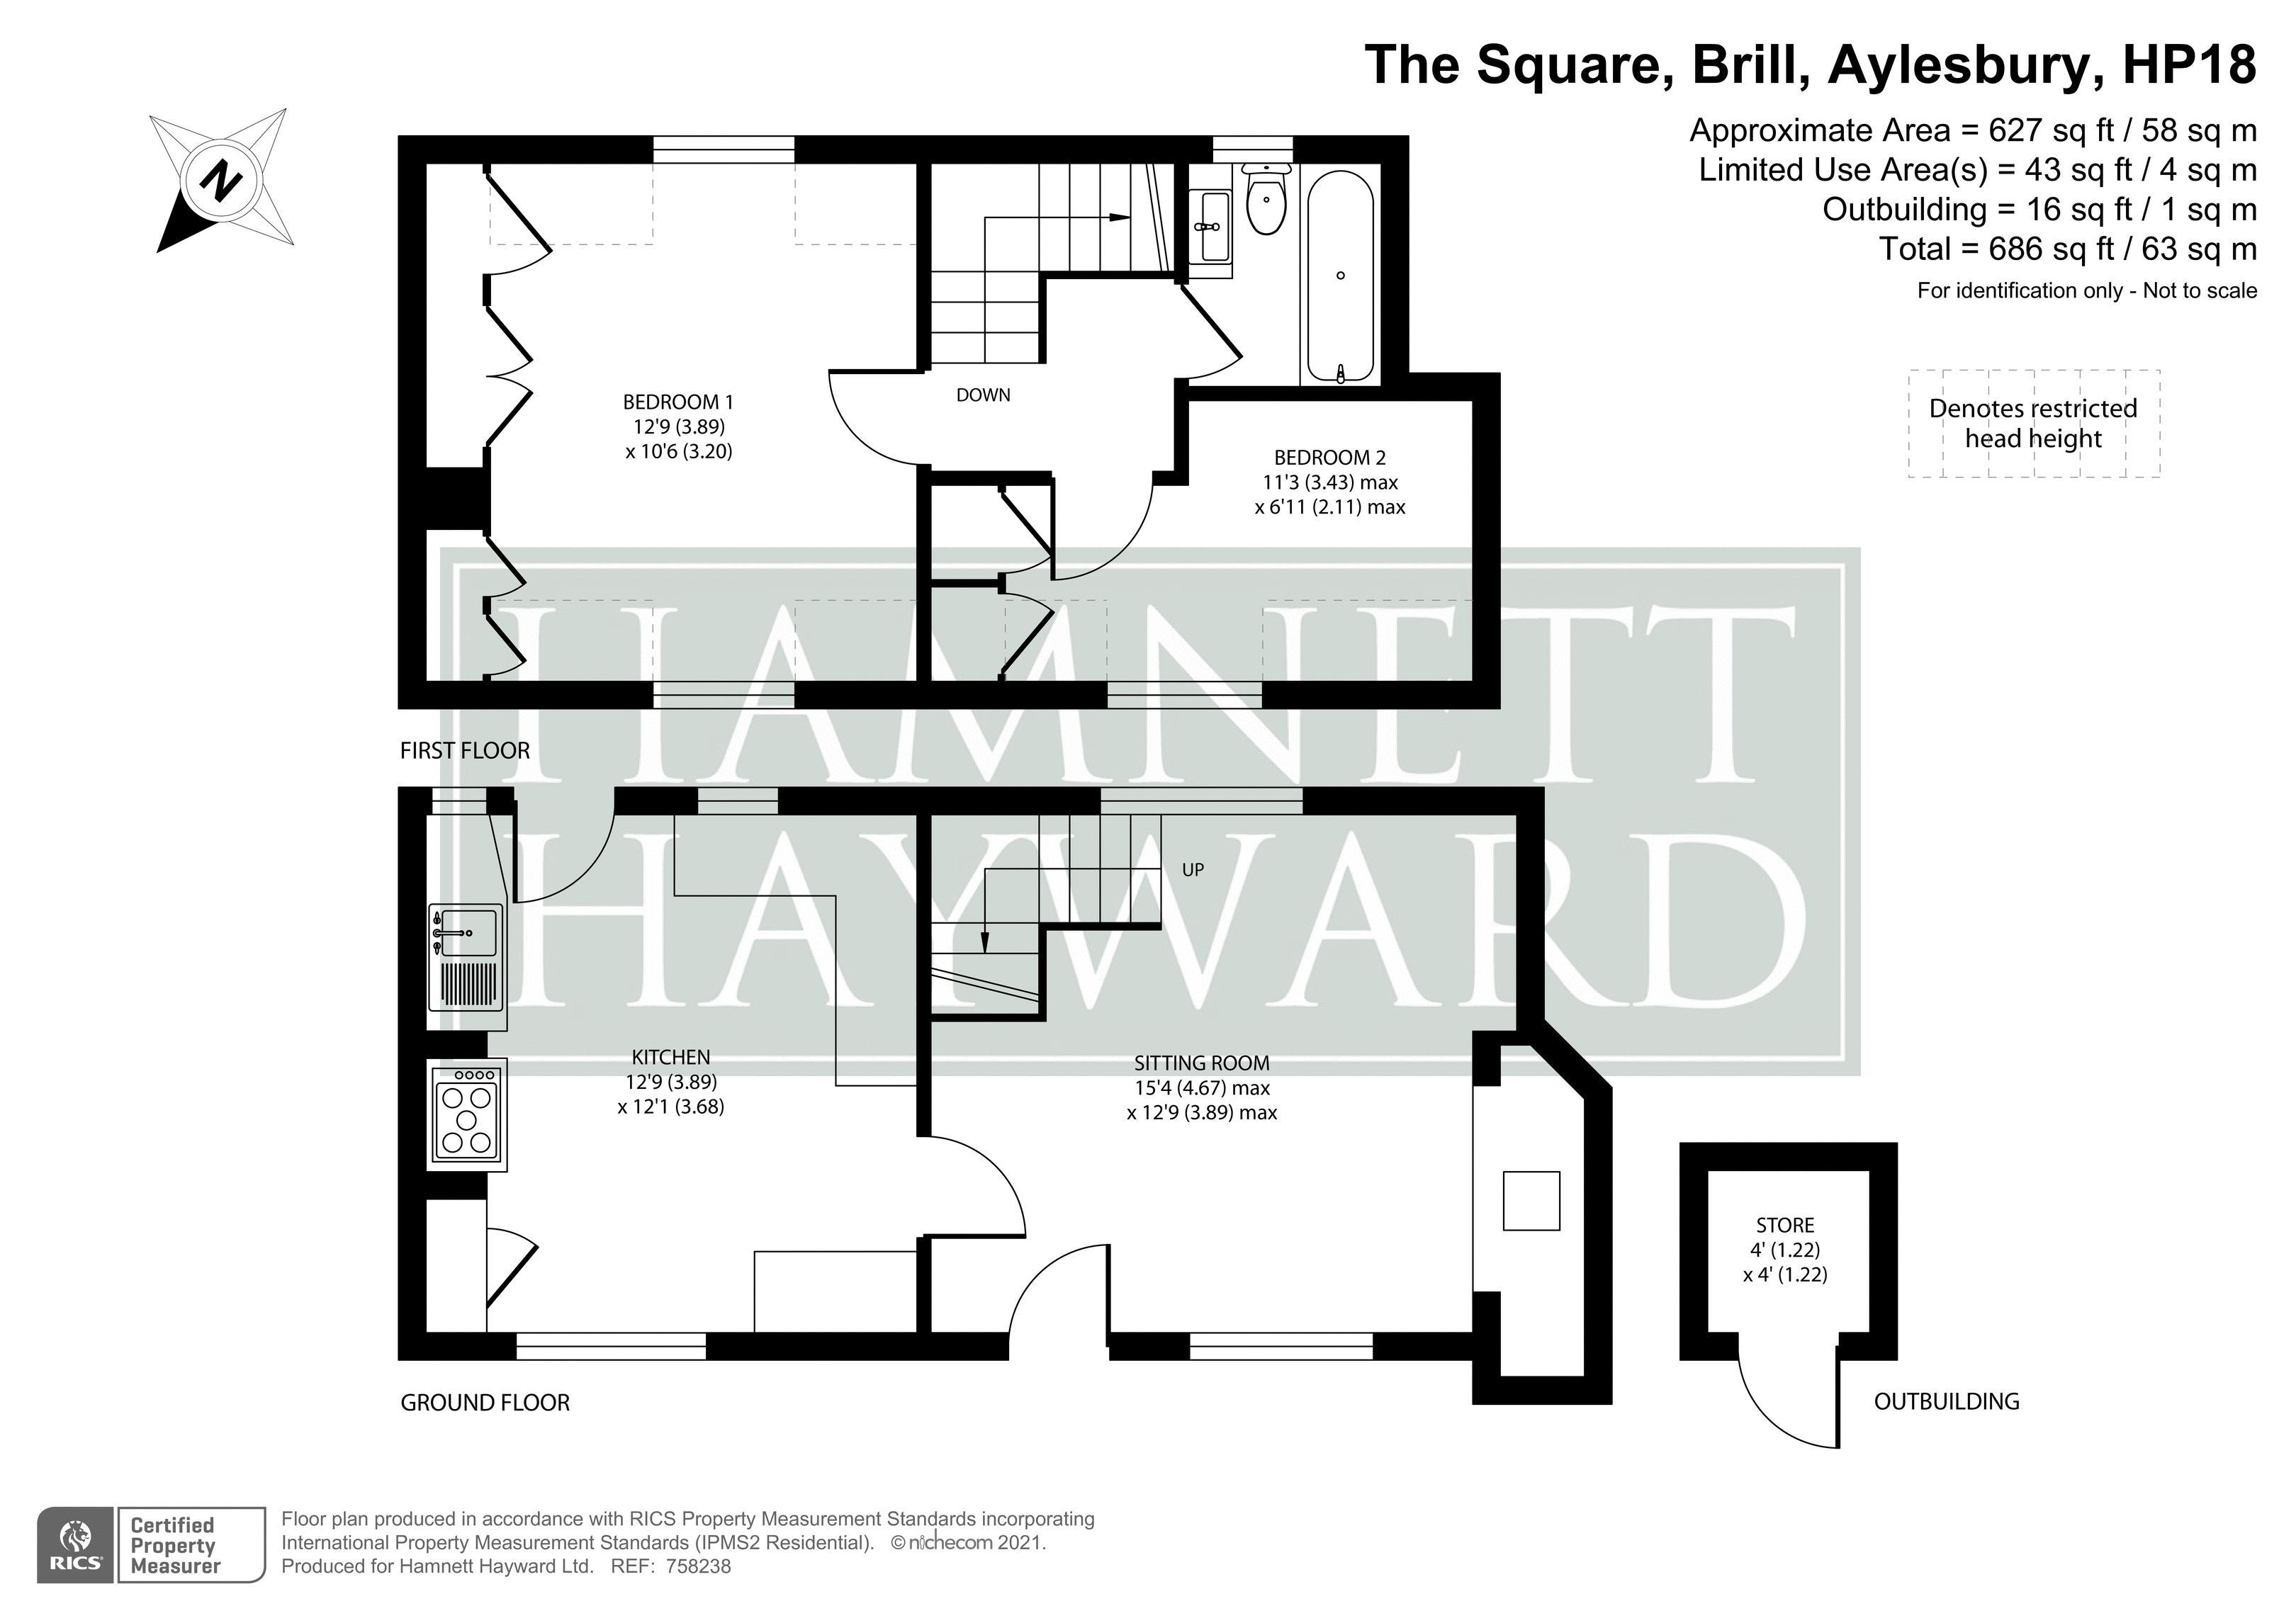 The Square Brill